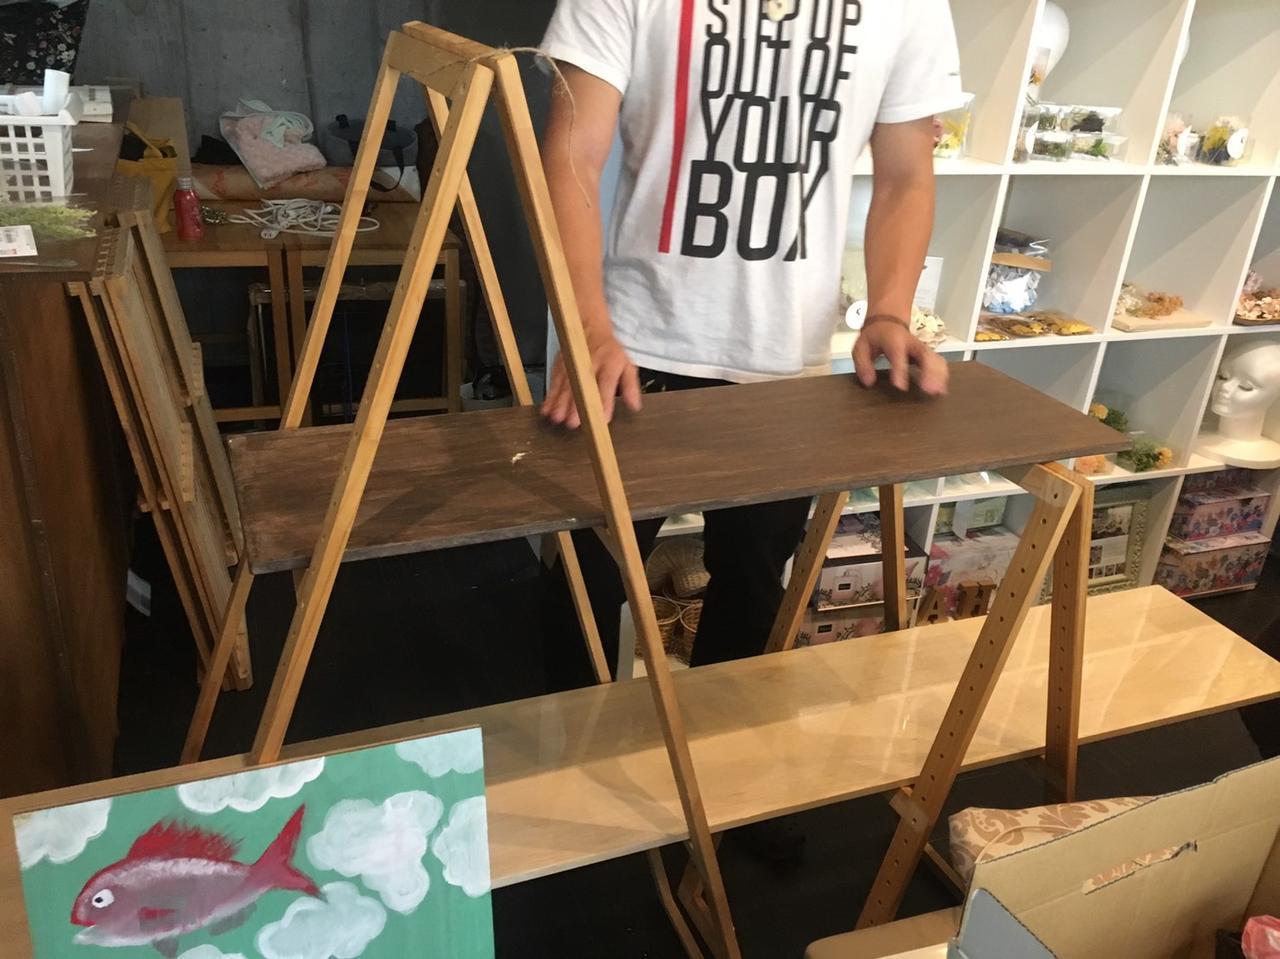 画像: 【キャンプ道具DIY】廃材でランタンケースとツーバーナー台を作ってみた - ハピキャン(HAPPY CAMPER)